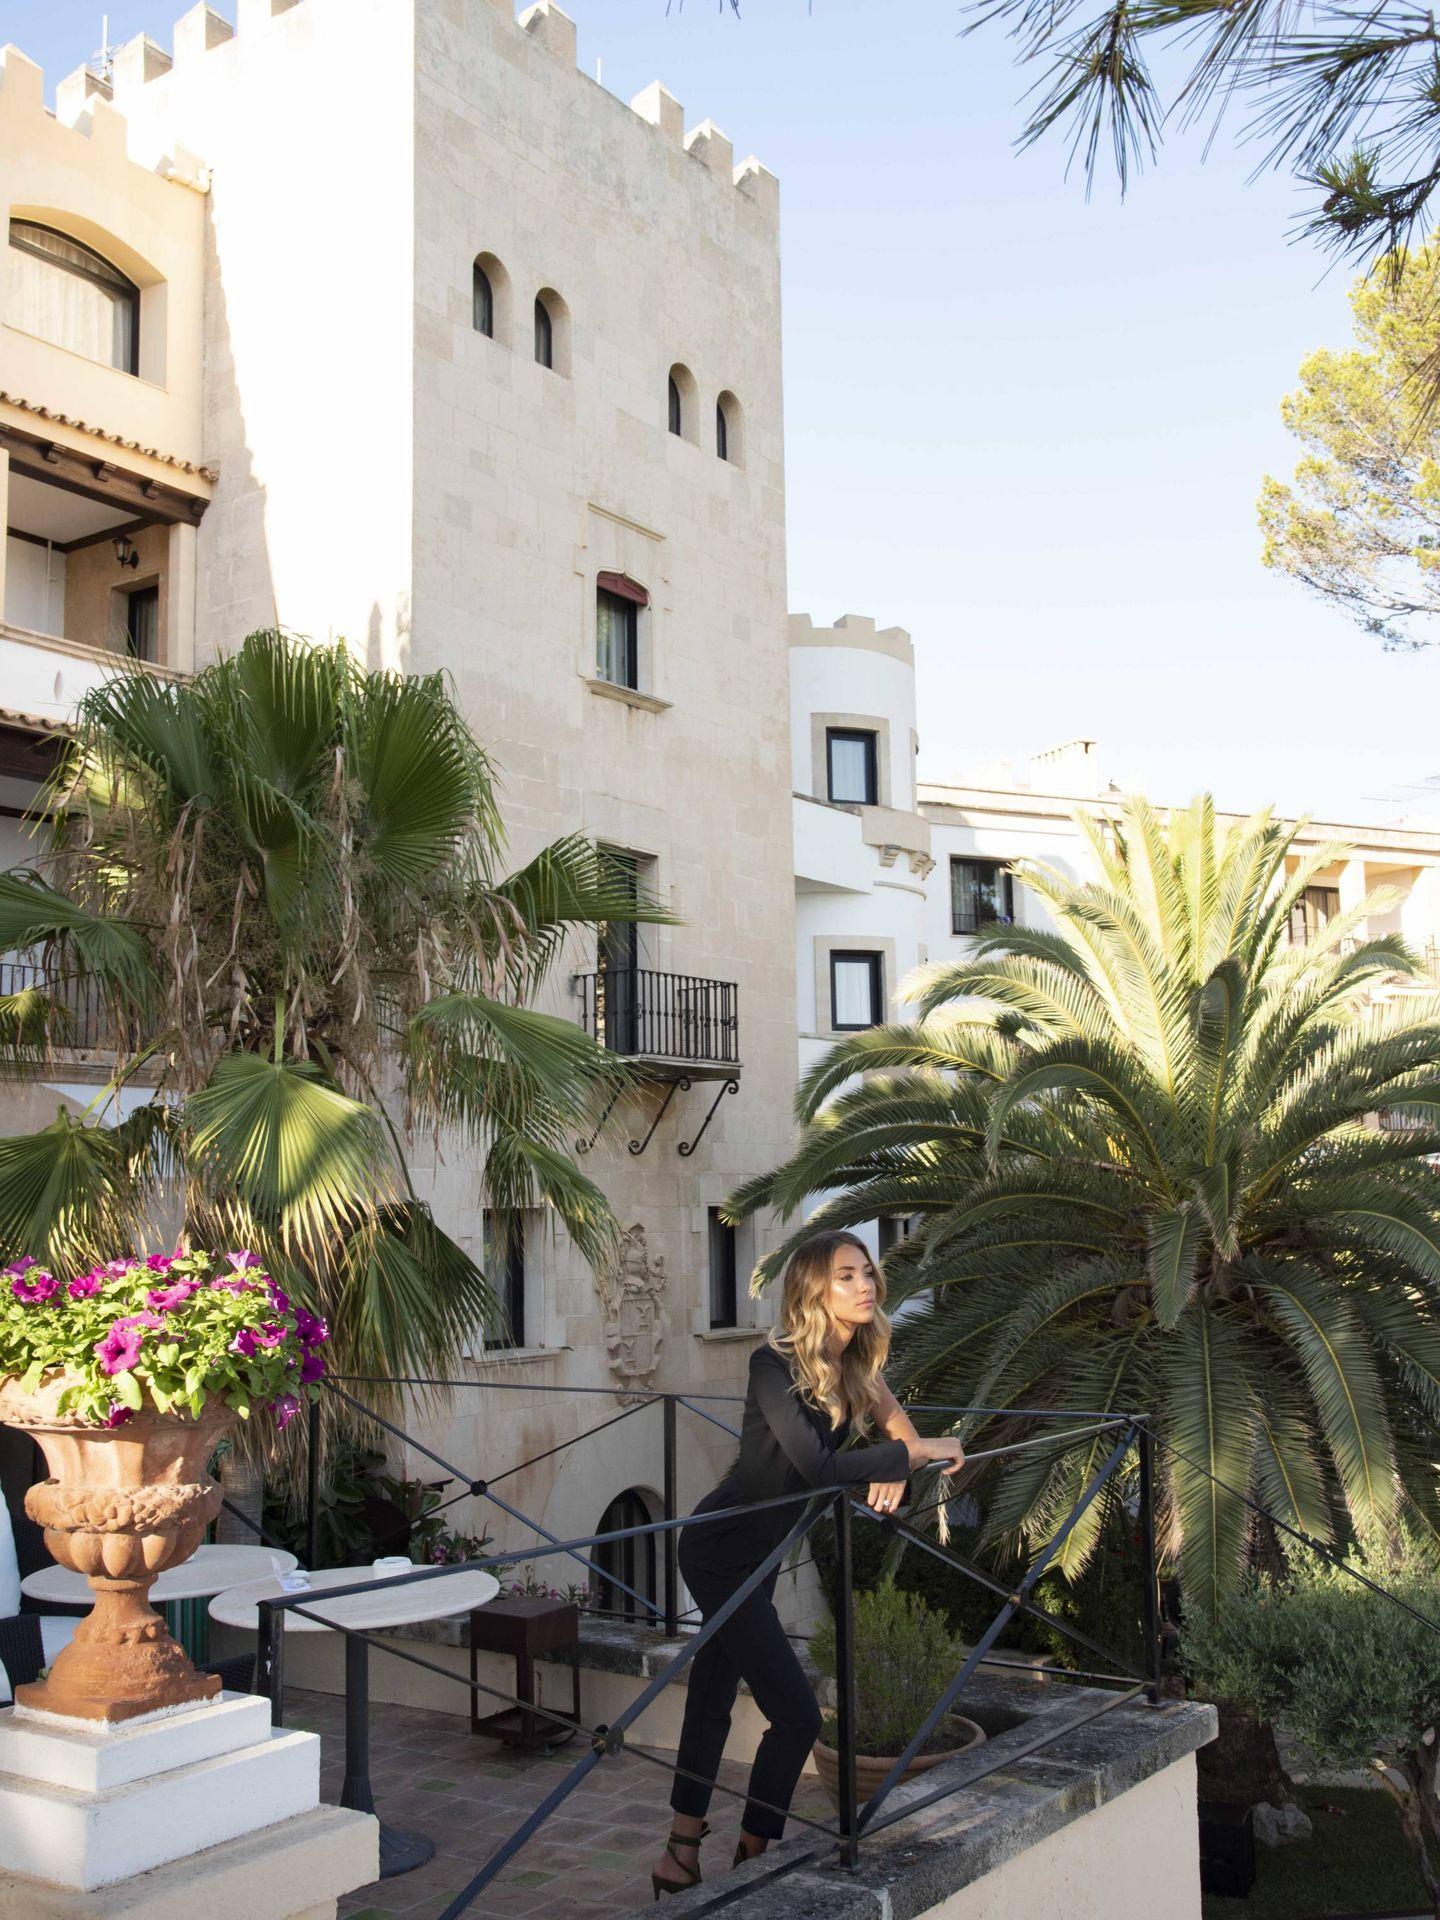 Alice Campello posando delante de una de las torres del palacete. (Cortesía)